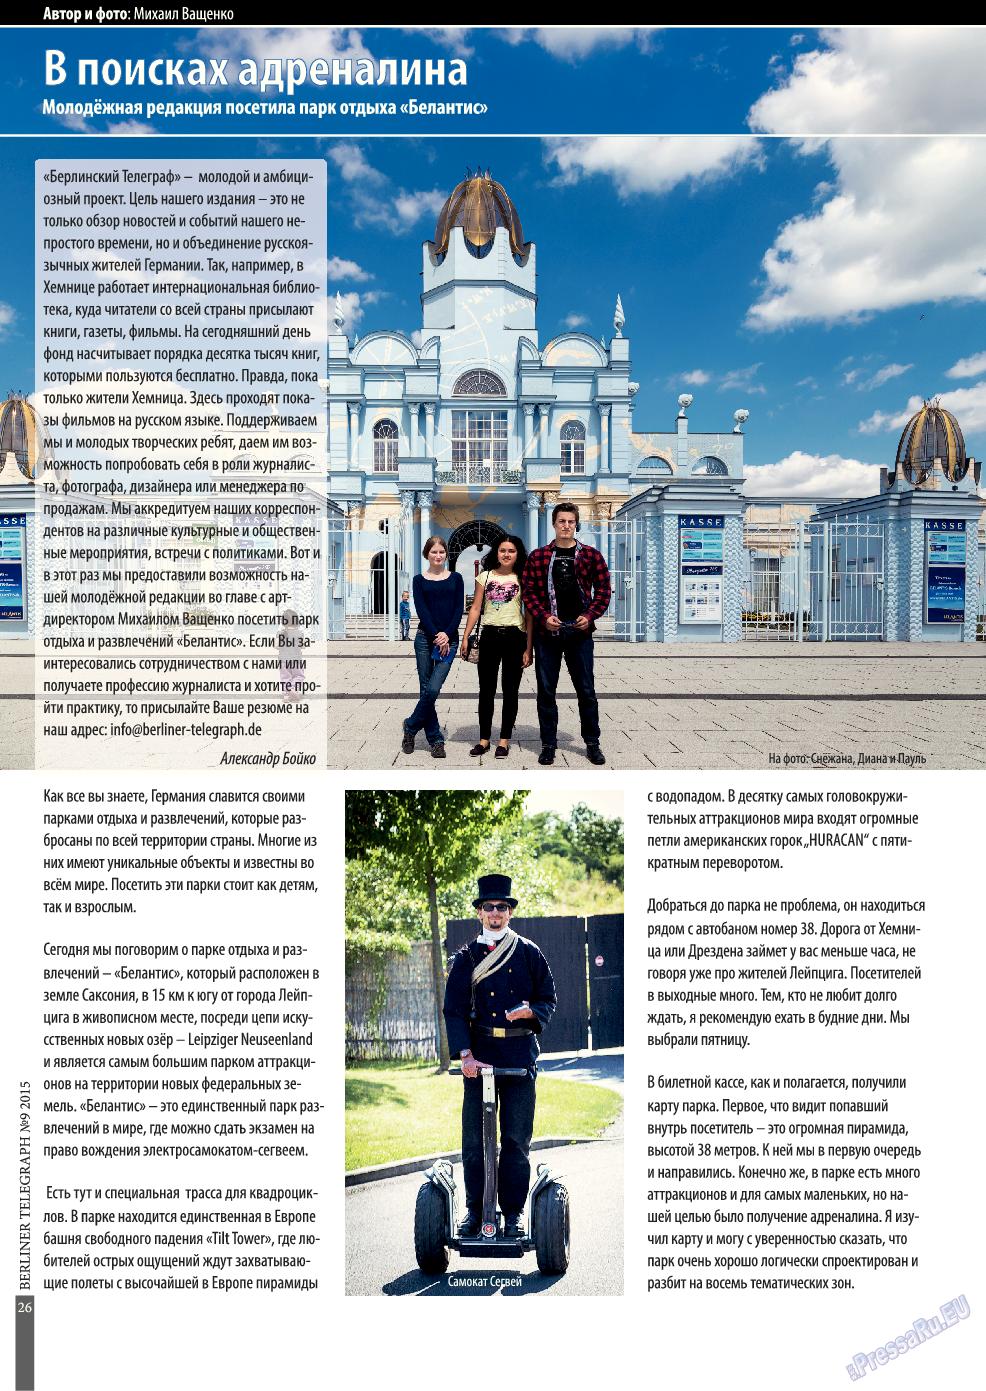 Берлинский телеграф (журнал). 2015 год, номер 9, стр. 26